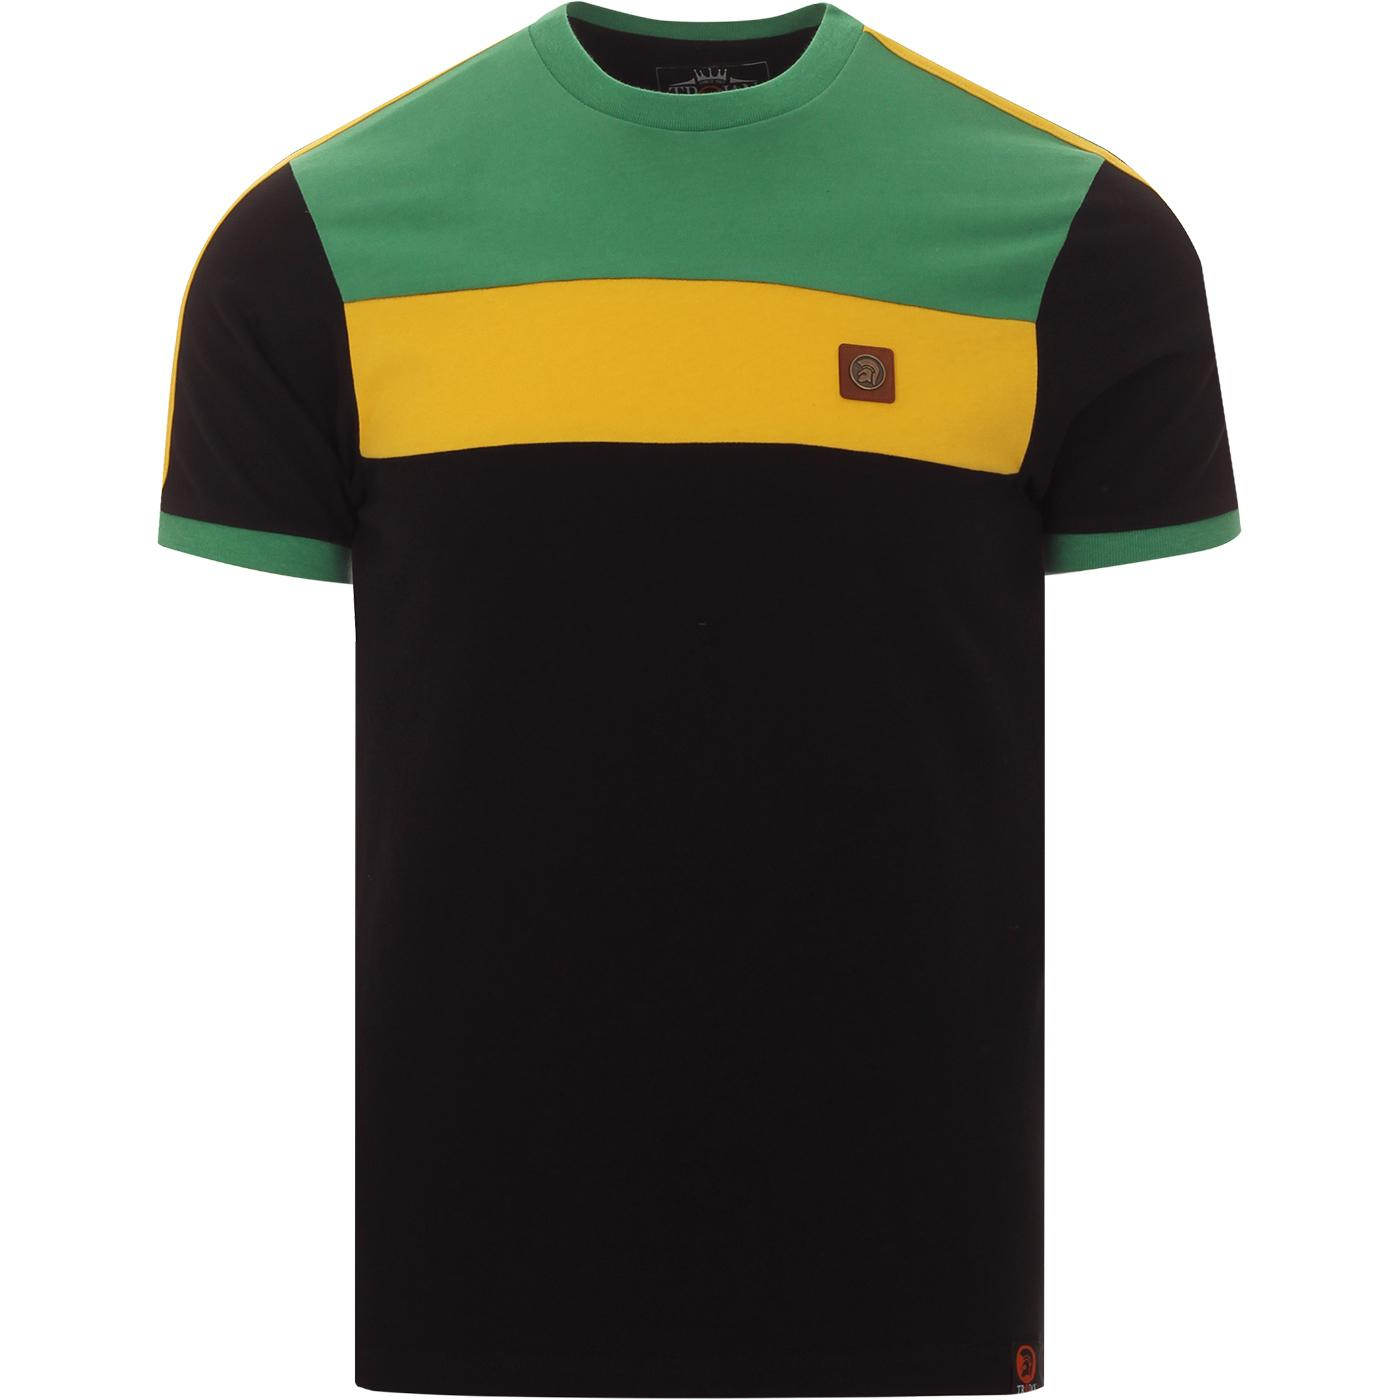 TROJAN RECORDS Retro Jamaica Colour Block Tee